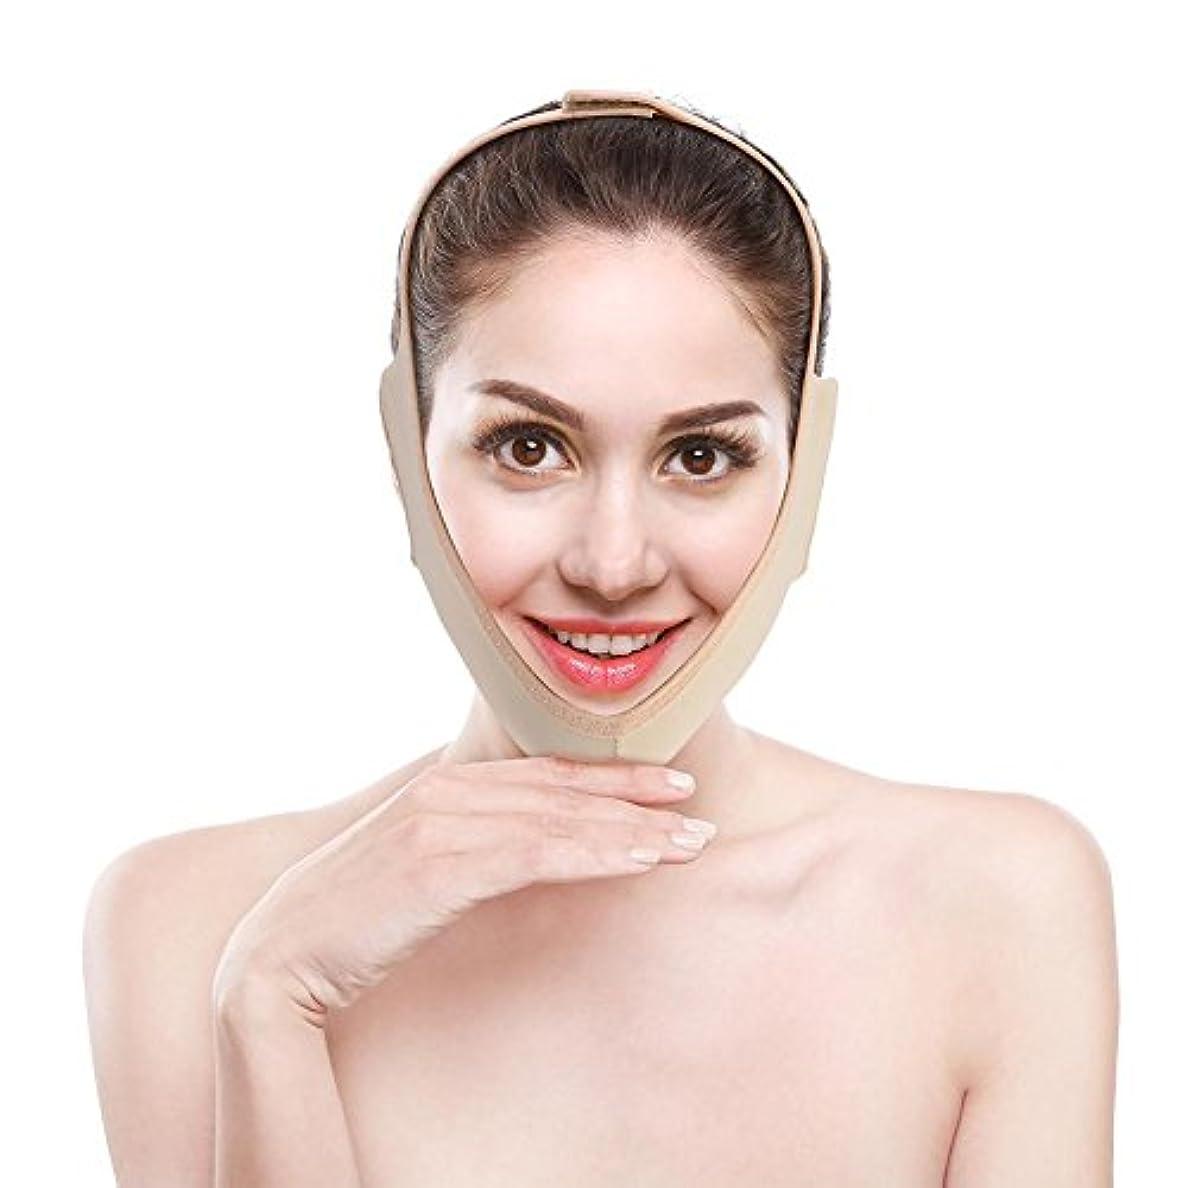 スクラッチ補助不良顔の輪郭を改善するVフェイス包帯、フェイスリフト用フェイスマスク、通気性/伸縮性/非変形性(M)